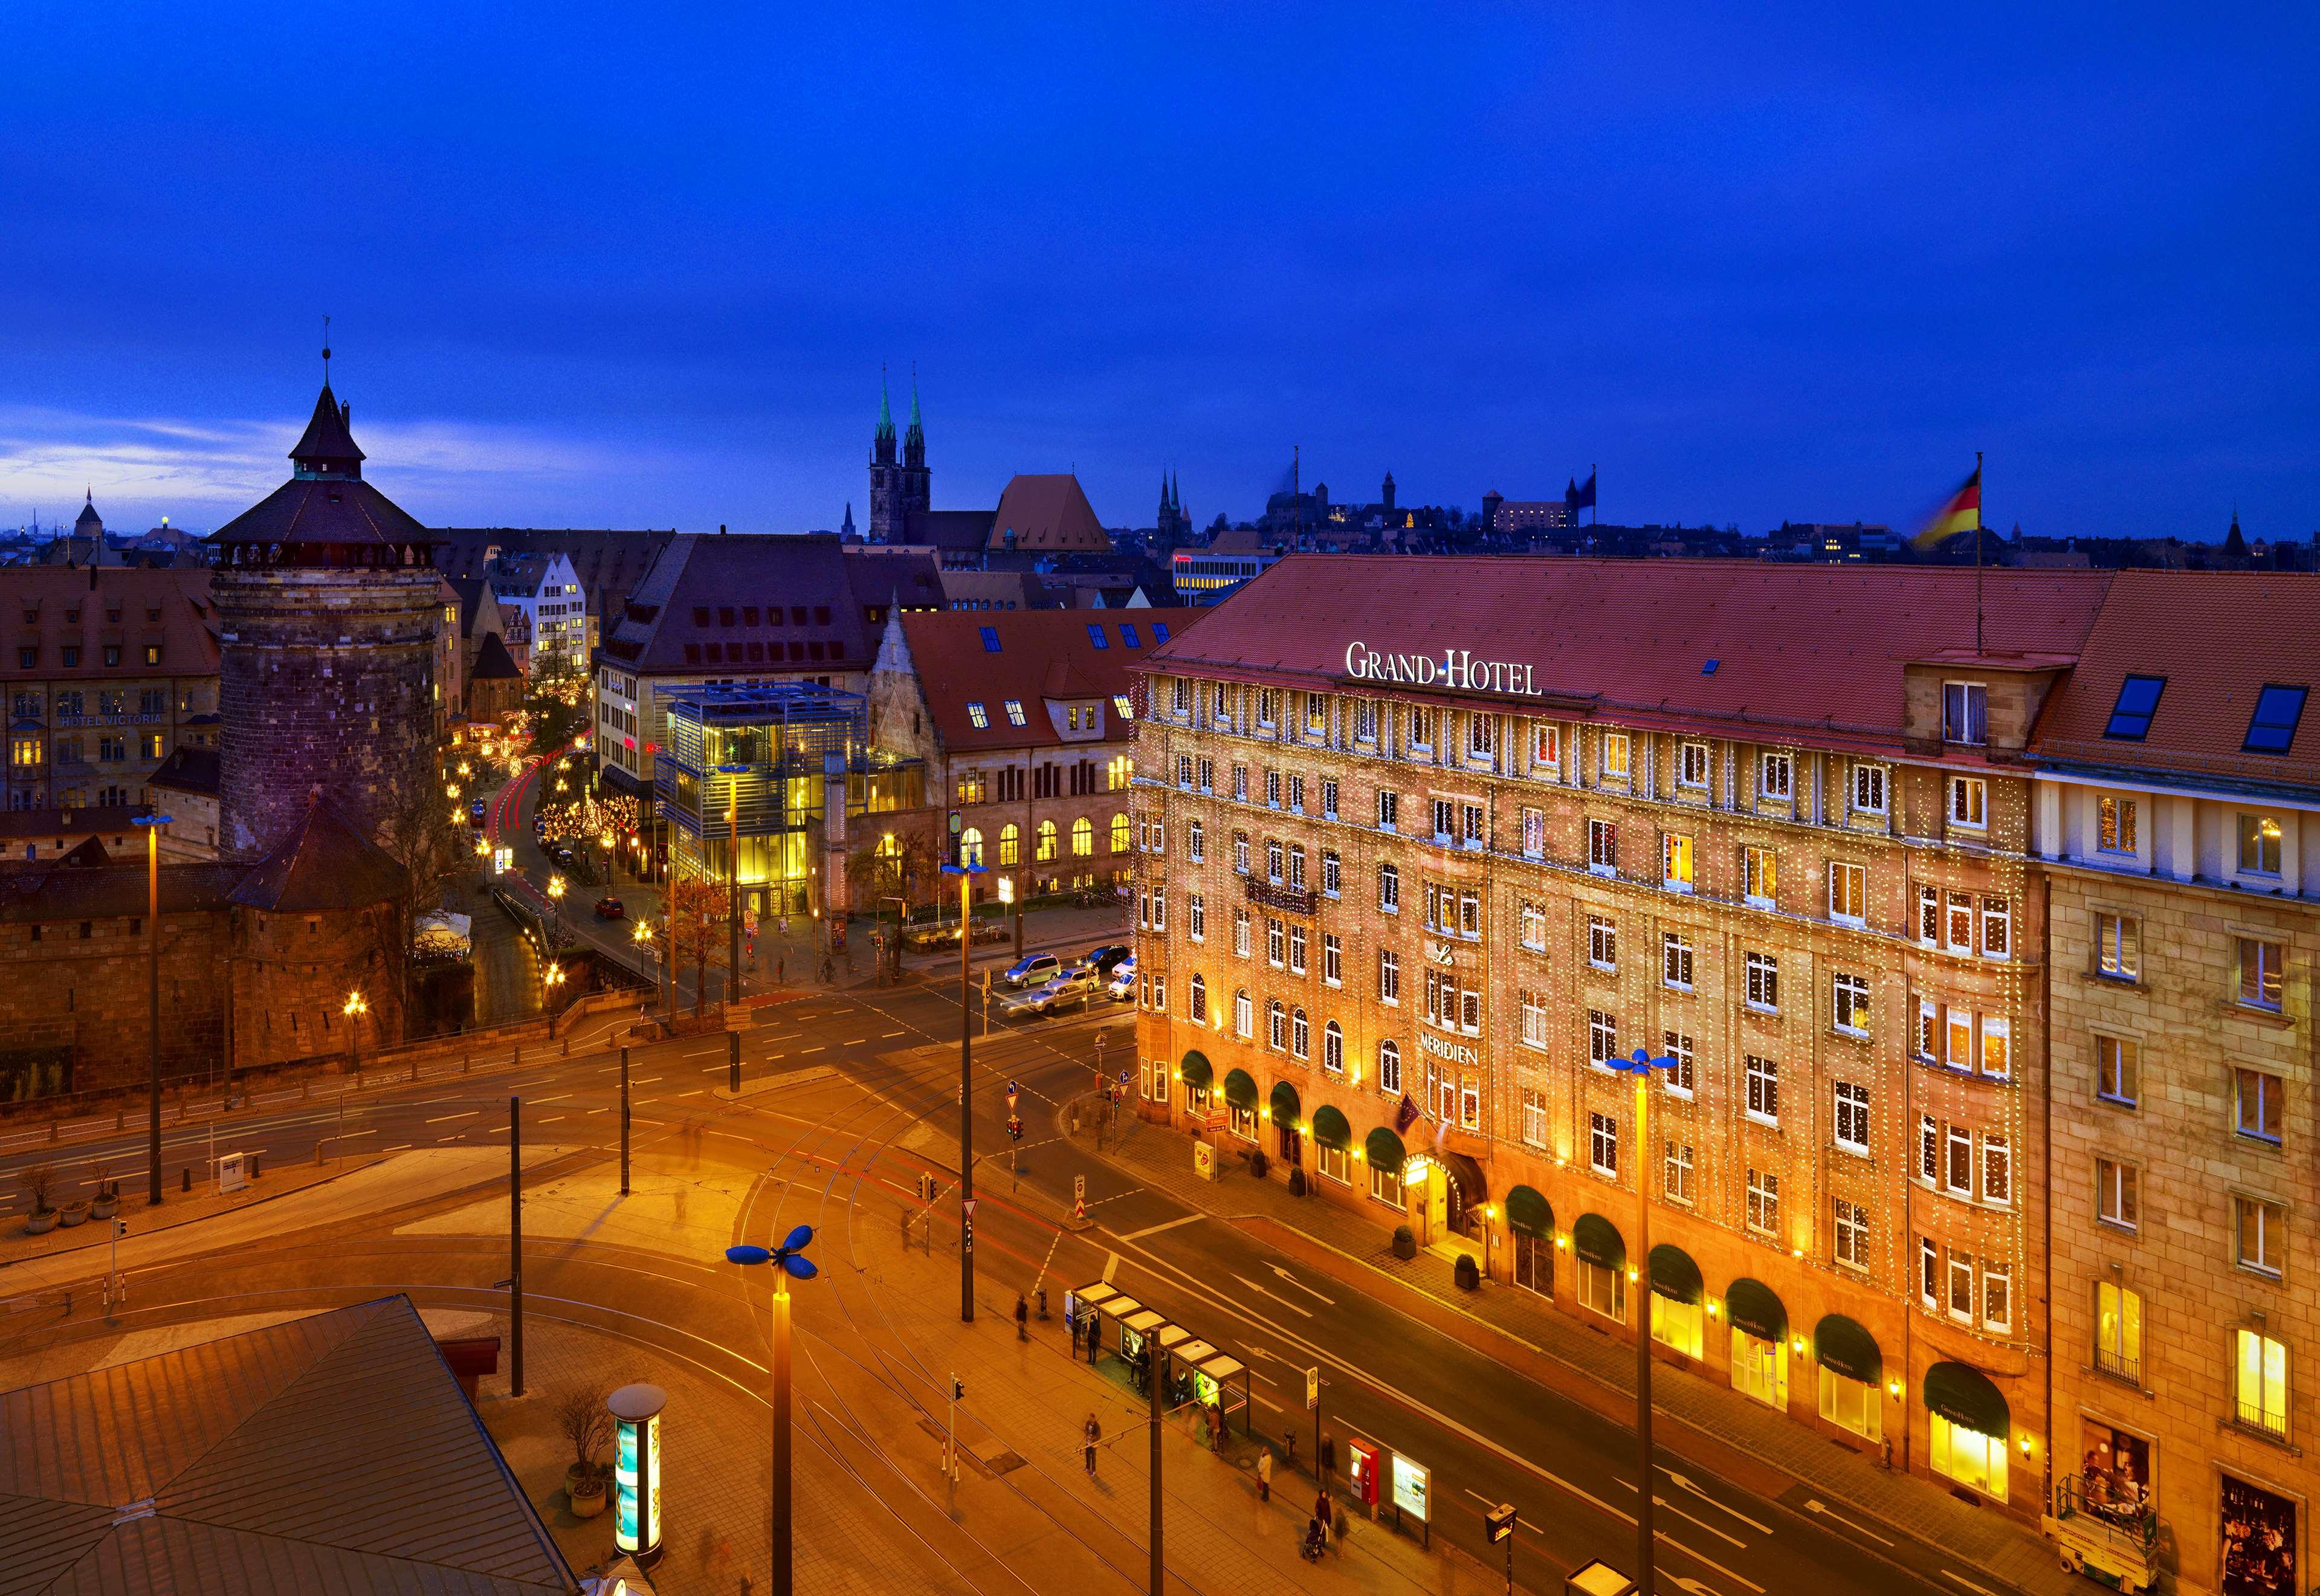 Le meridien grand hotel nuremberg hotel in nuremberg for Nurnberg hotel